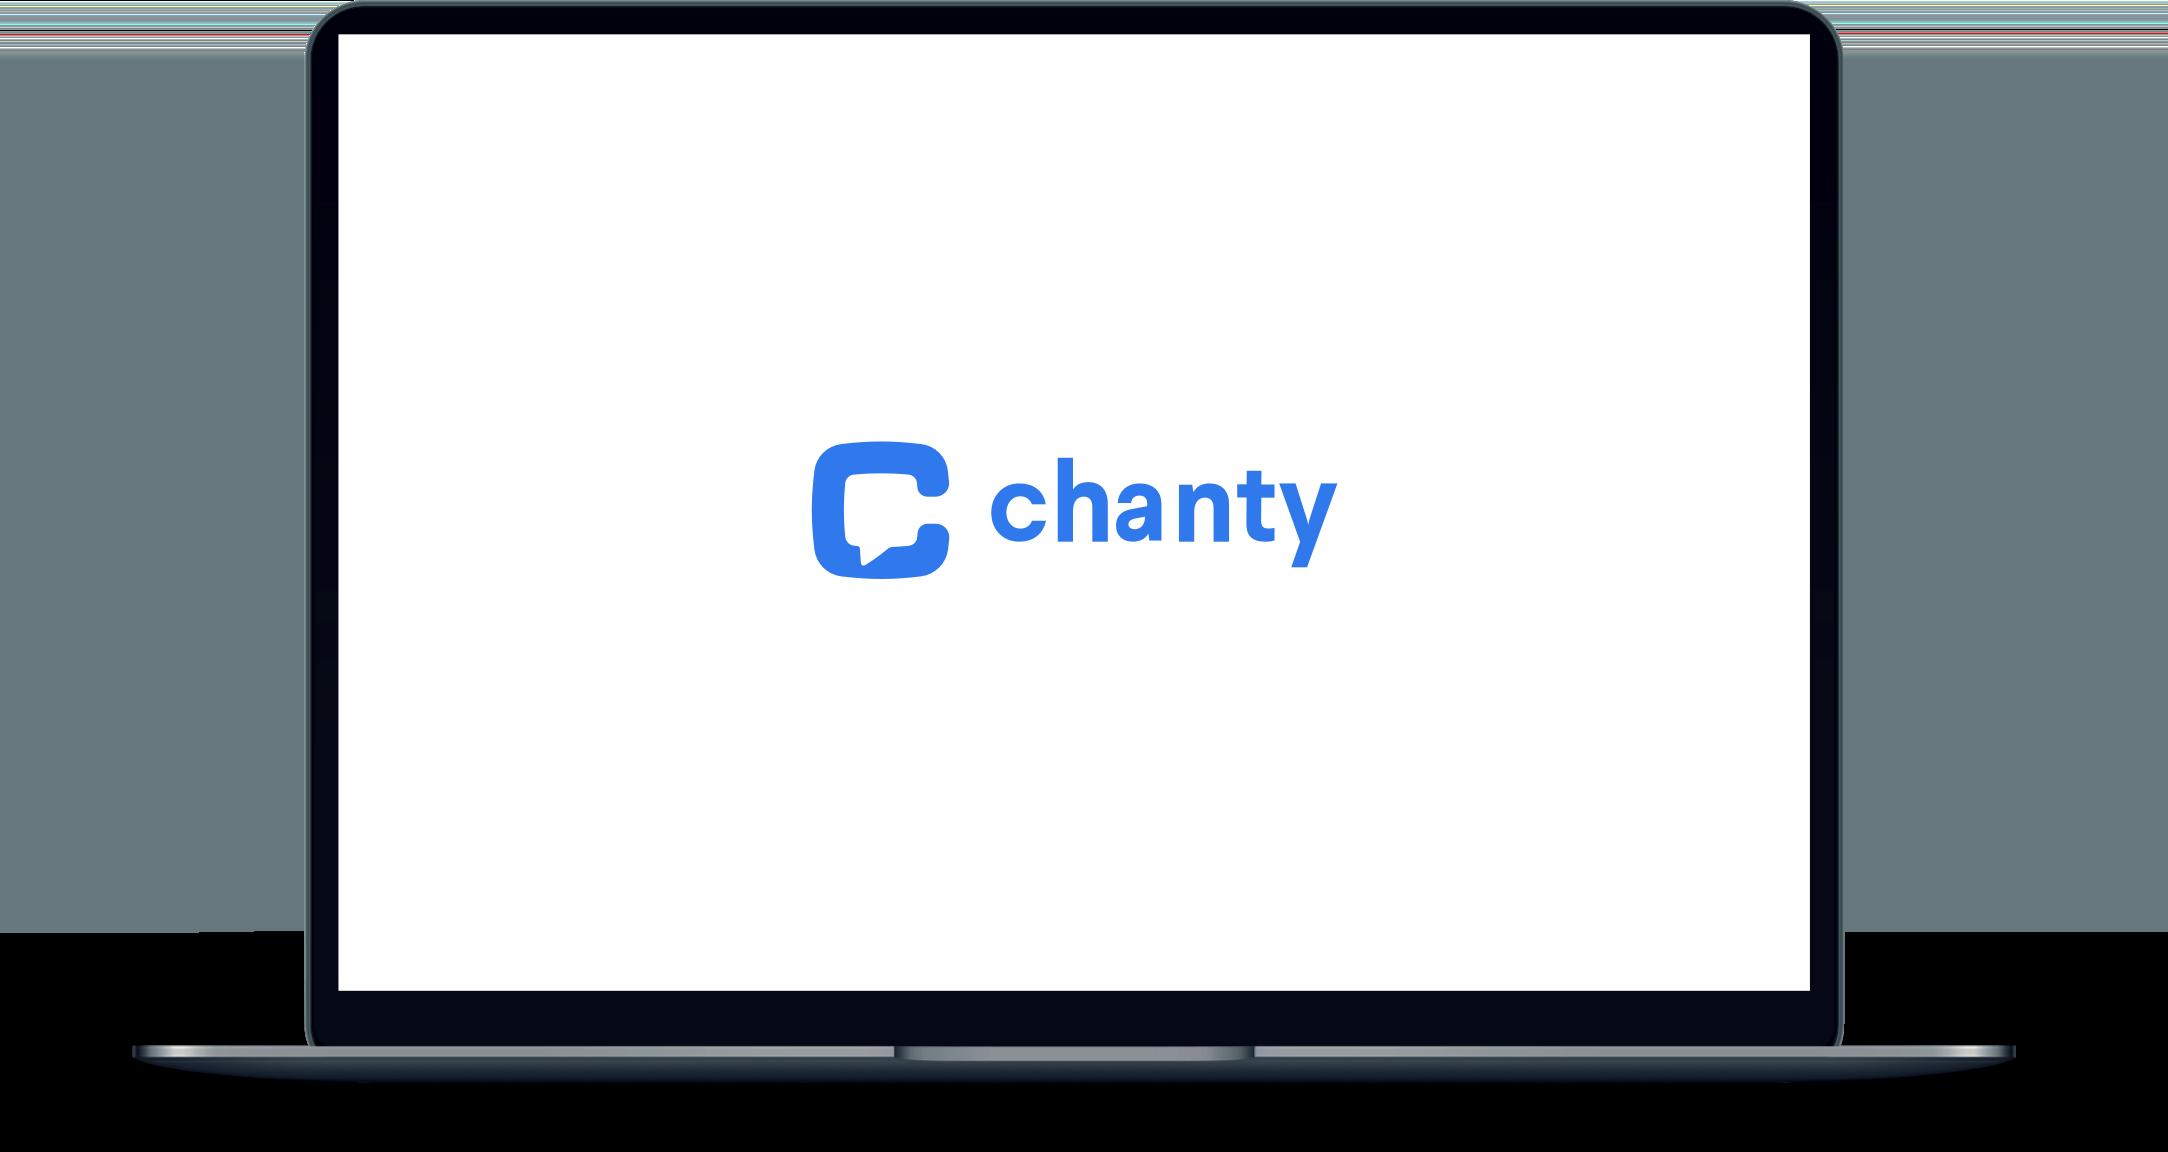 chanty video